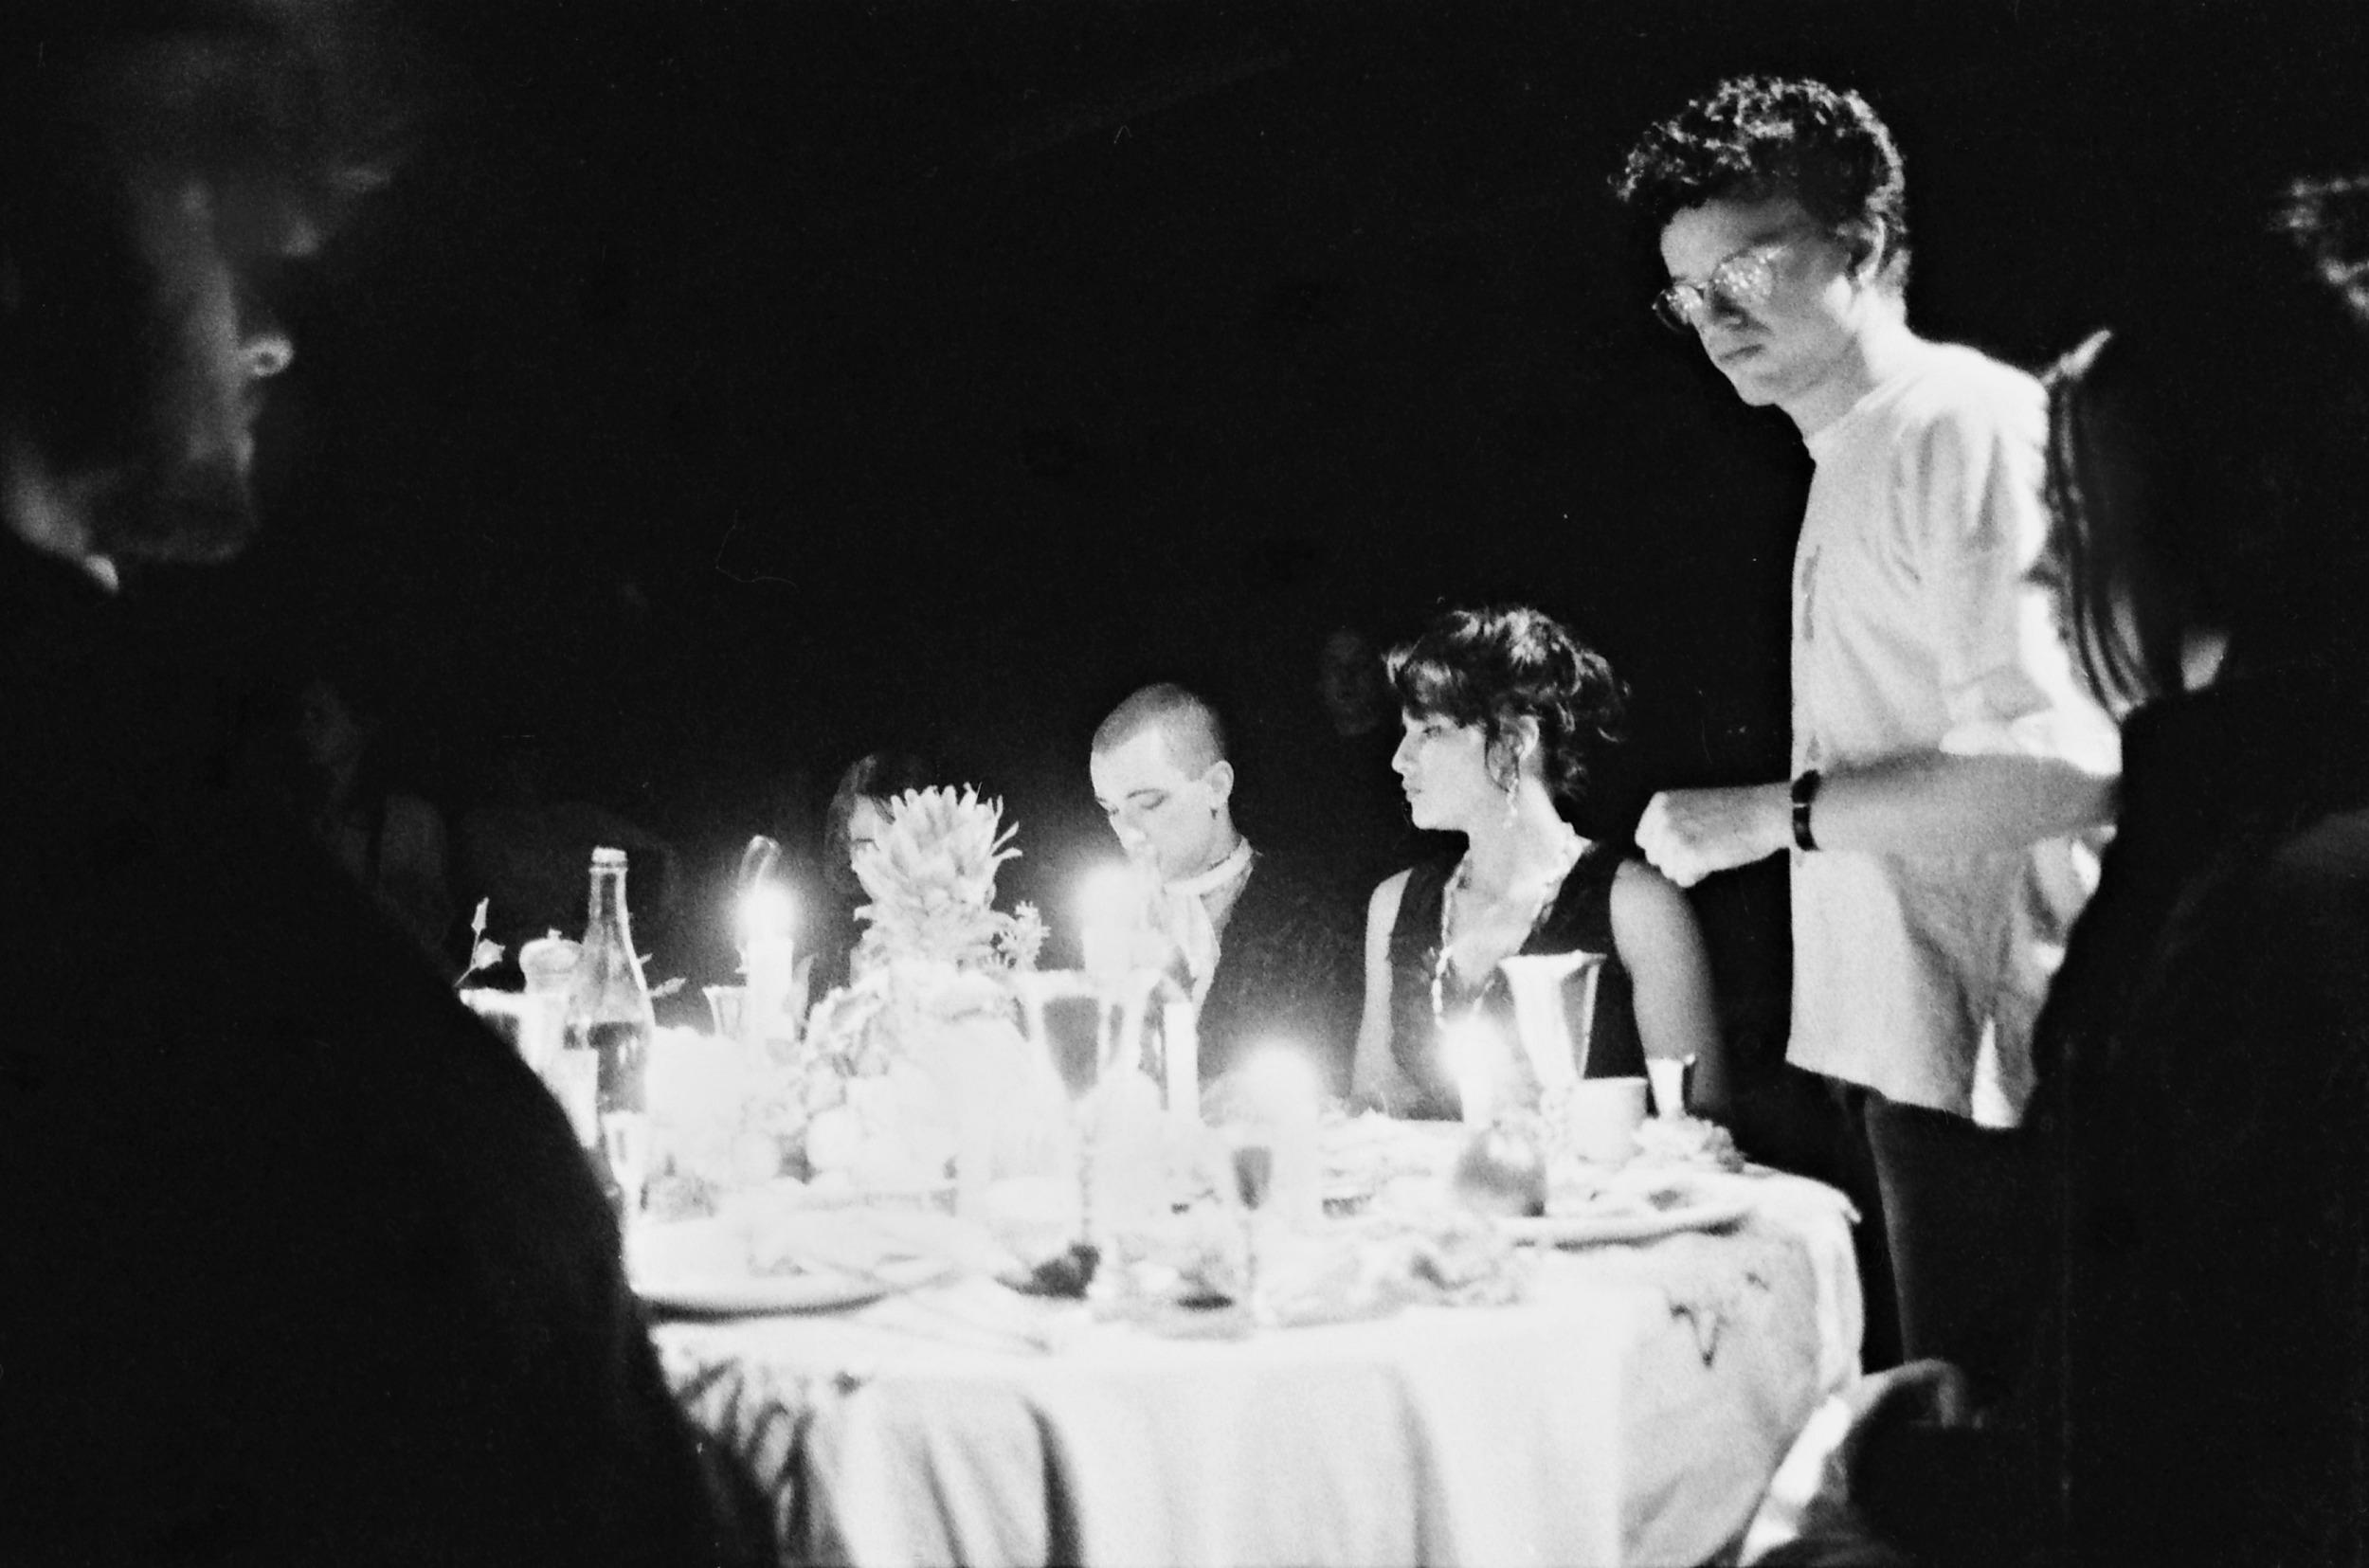 Directing the dinner scene.